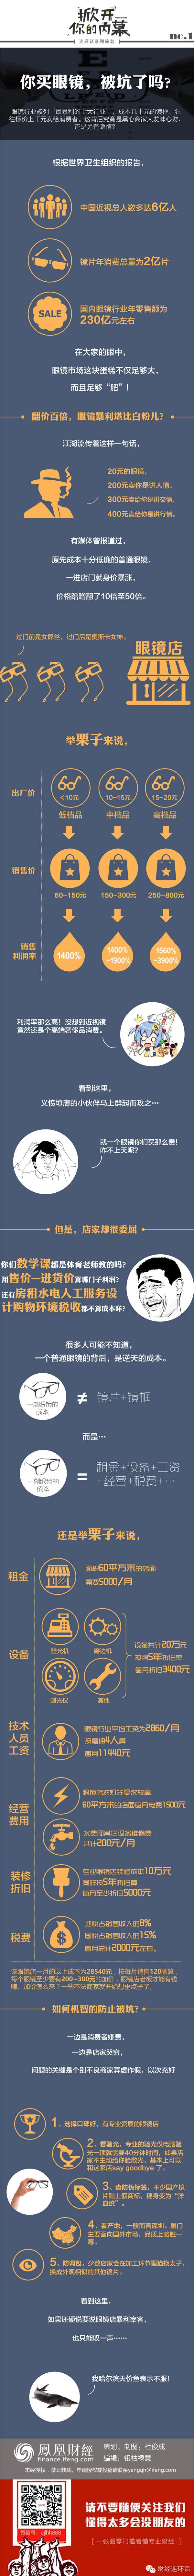 眼镜行业,掀开你的内幕! - dengjianfu2356 - dengjianfu2356的博客